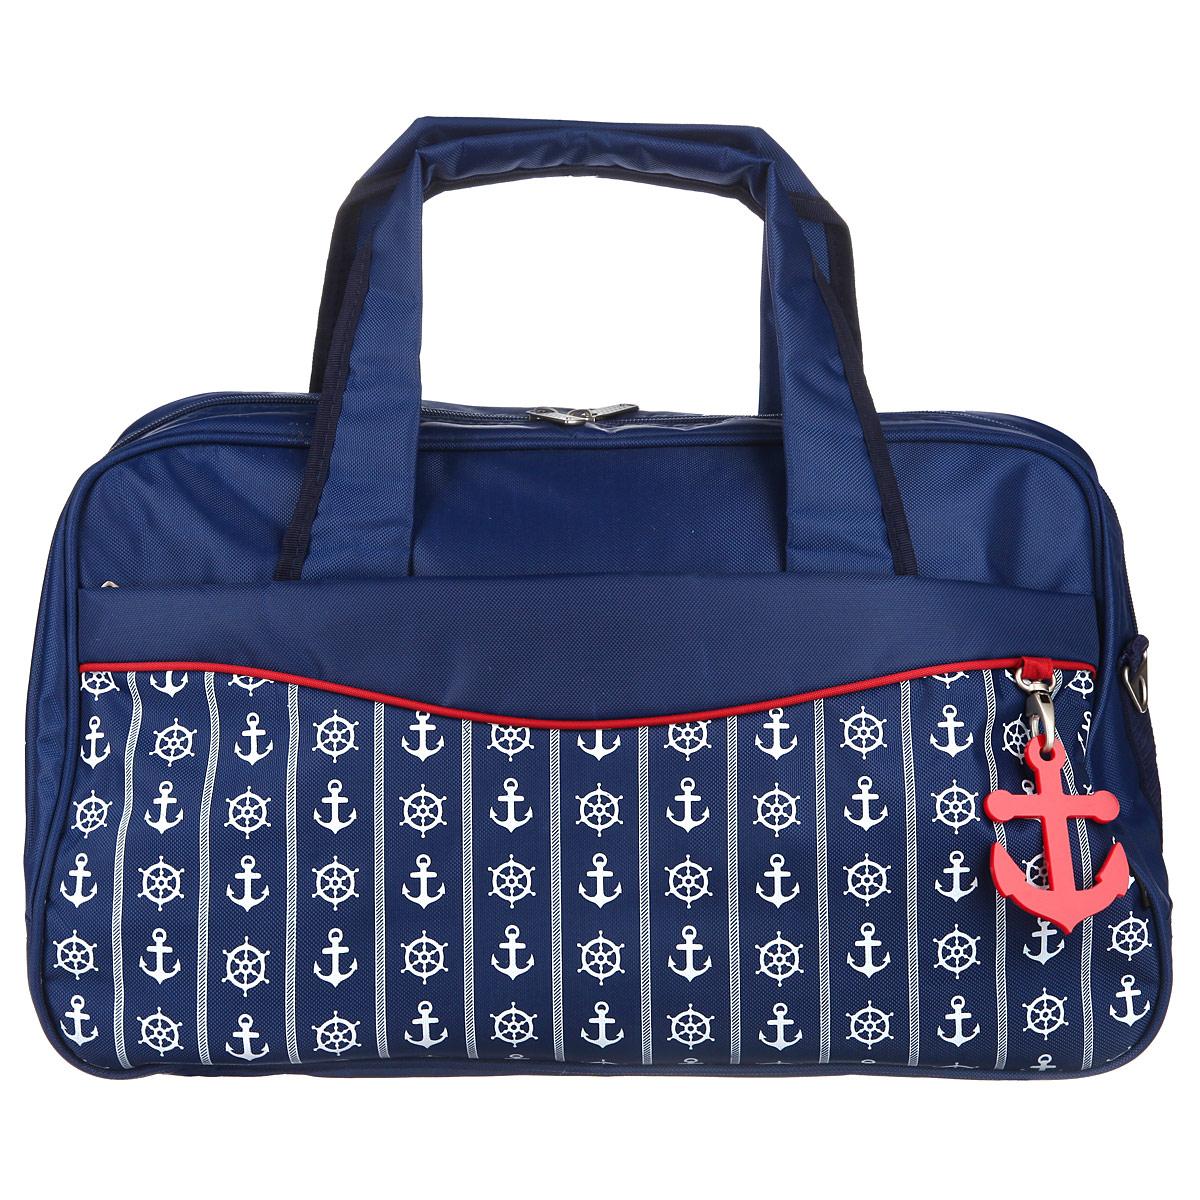 Сумка дорожная Antan Морской стиль, цвет: темно-синий. 2-4M2-4M дорожная морской стиль 2 ПЭ/синийСтильная дорожная сумка Antan Морской стиль выполнена из высококачественного материала и украшена декоративным элементом в виде якоря. Состоит сумка из одного большого отделения, закрывающегося на пластиковую застежку-молнию, внутри которого расположены прорезной карман на молнии и два накладных кармана, предназначенных для телефона и мелочей. С внешней стороны предусмотрены два больших прорезных кармана на застежках-молниях. Изделие оснащено двумя прочными ручками. В комплект входит съемный наплечный ремень, длина которого регулируется пряжкой. Дно изделия уплотнено и дополнено пятью пластиковыми ножками, обеспечивающими дополнительную устойчивость и защиту от загрязнений. Оформлена сумка оригинальным принтом на морскую тематику.Такая сумка идеально подойдет для дальних поездок, в нее можно положить все необходимое.